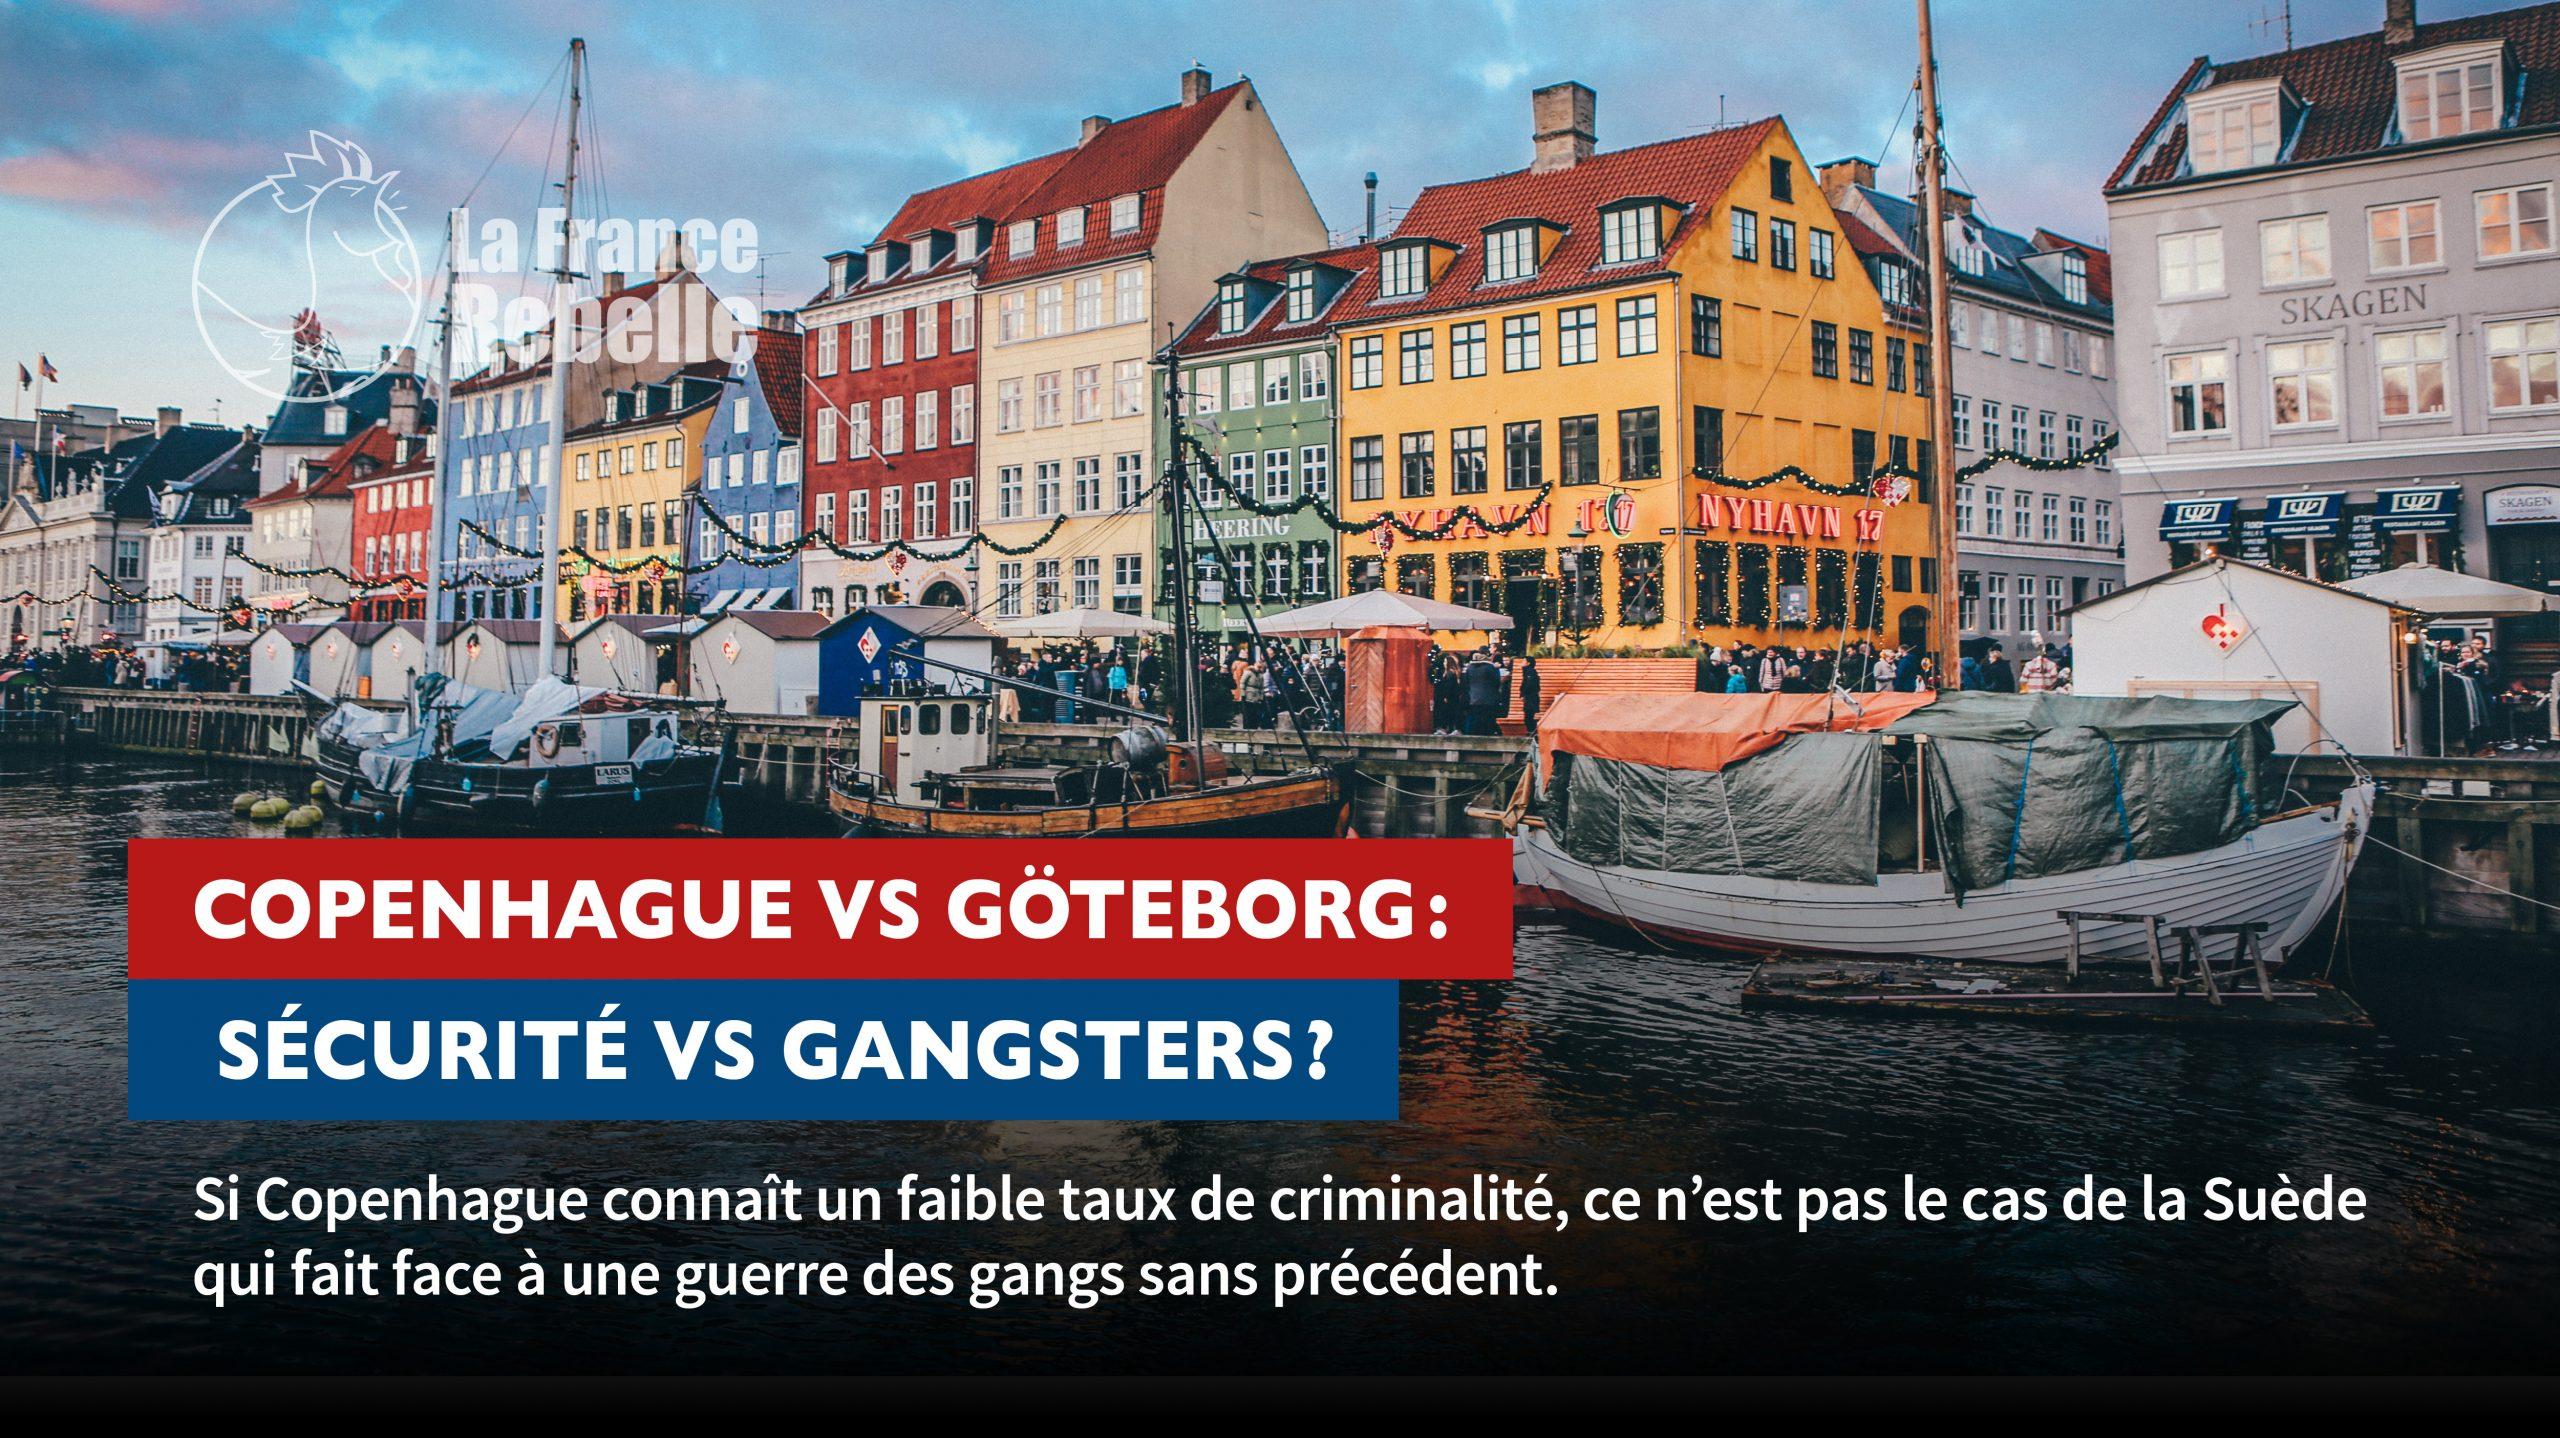 Copenhague vs Göteborg: sécurité vs gangsters?